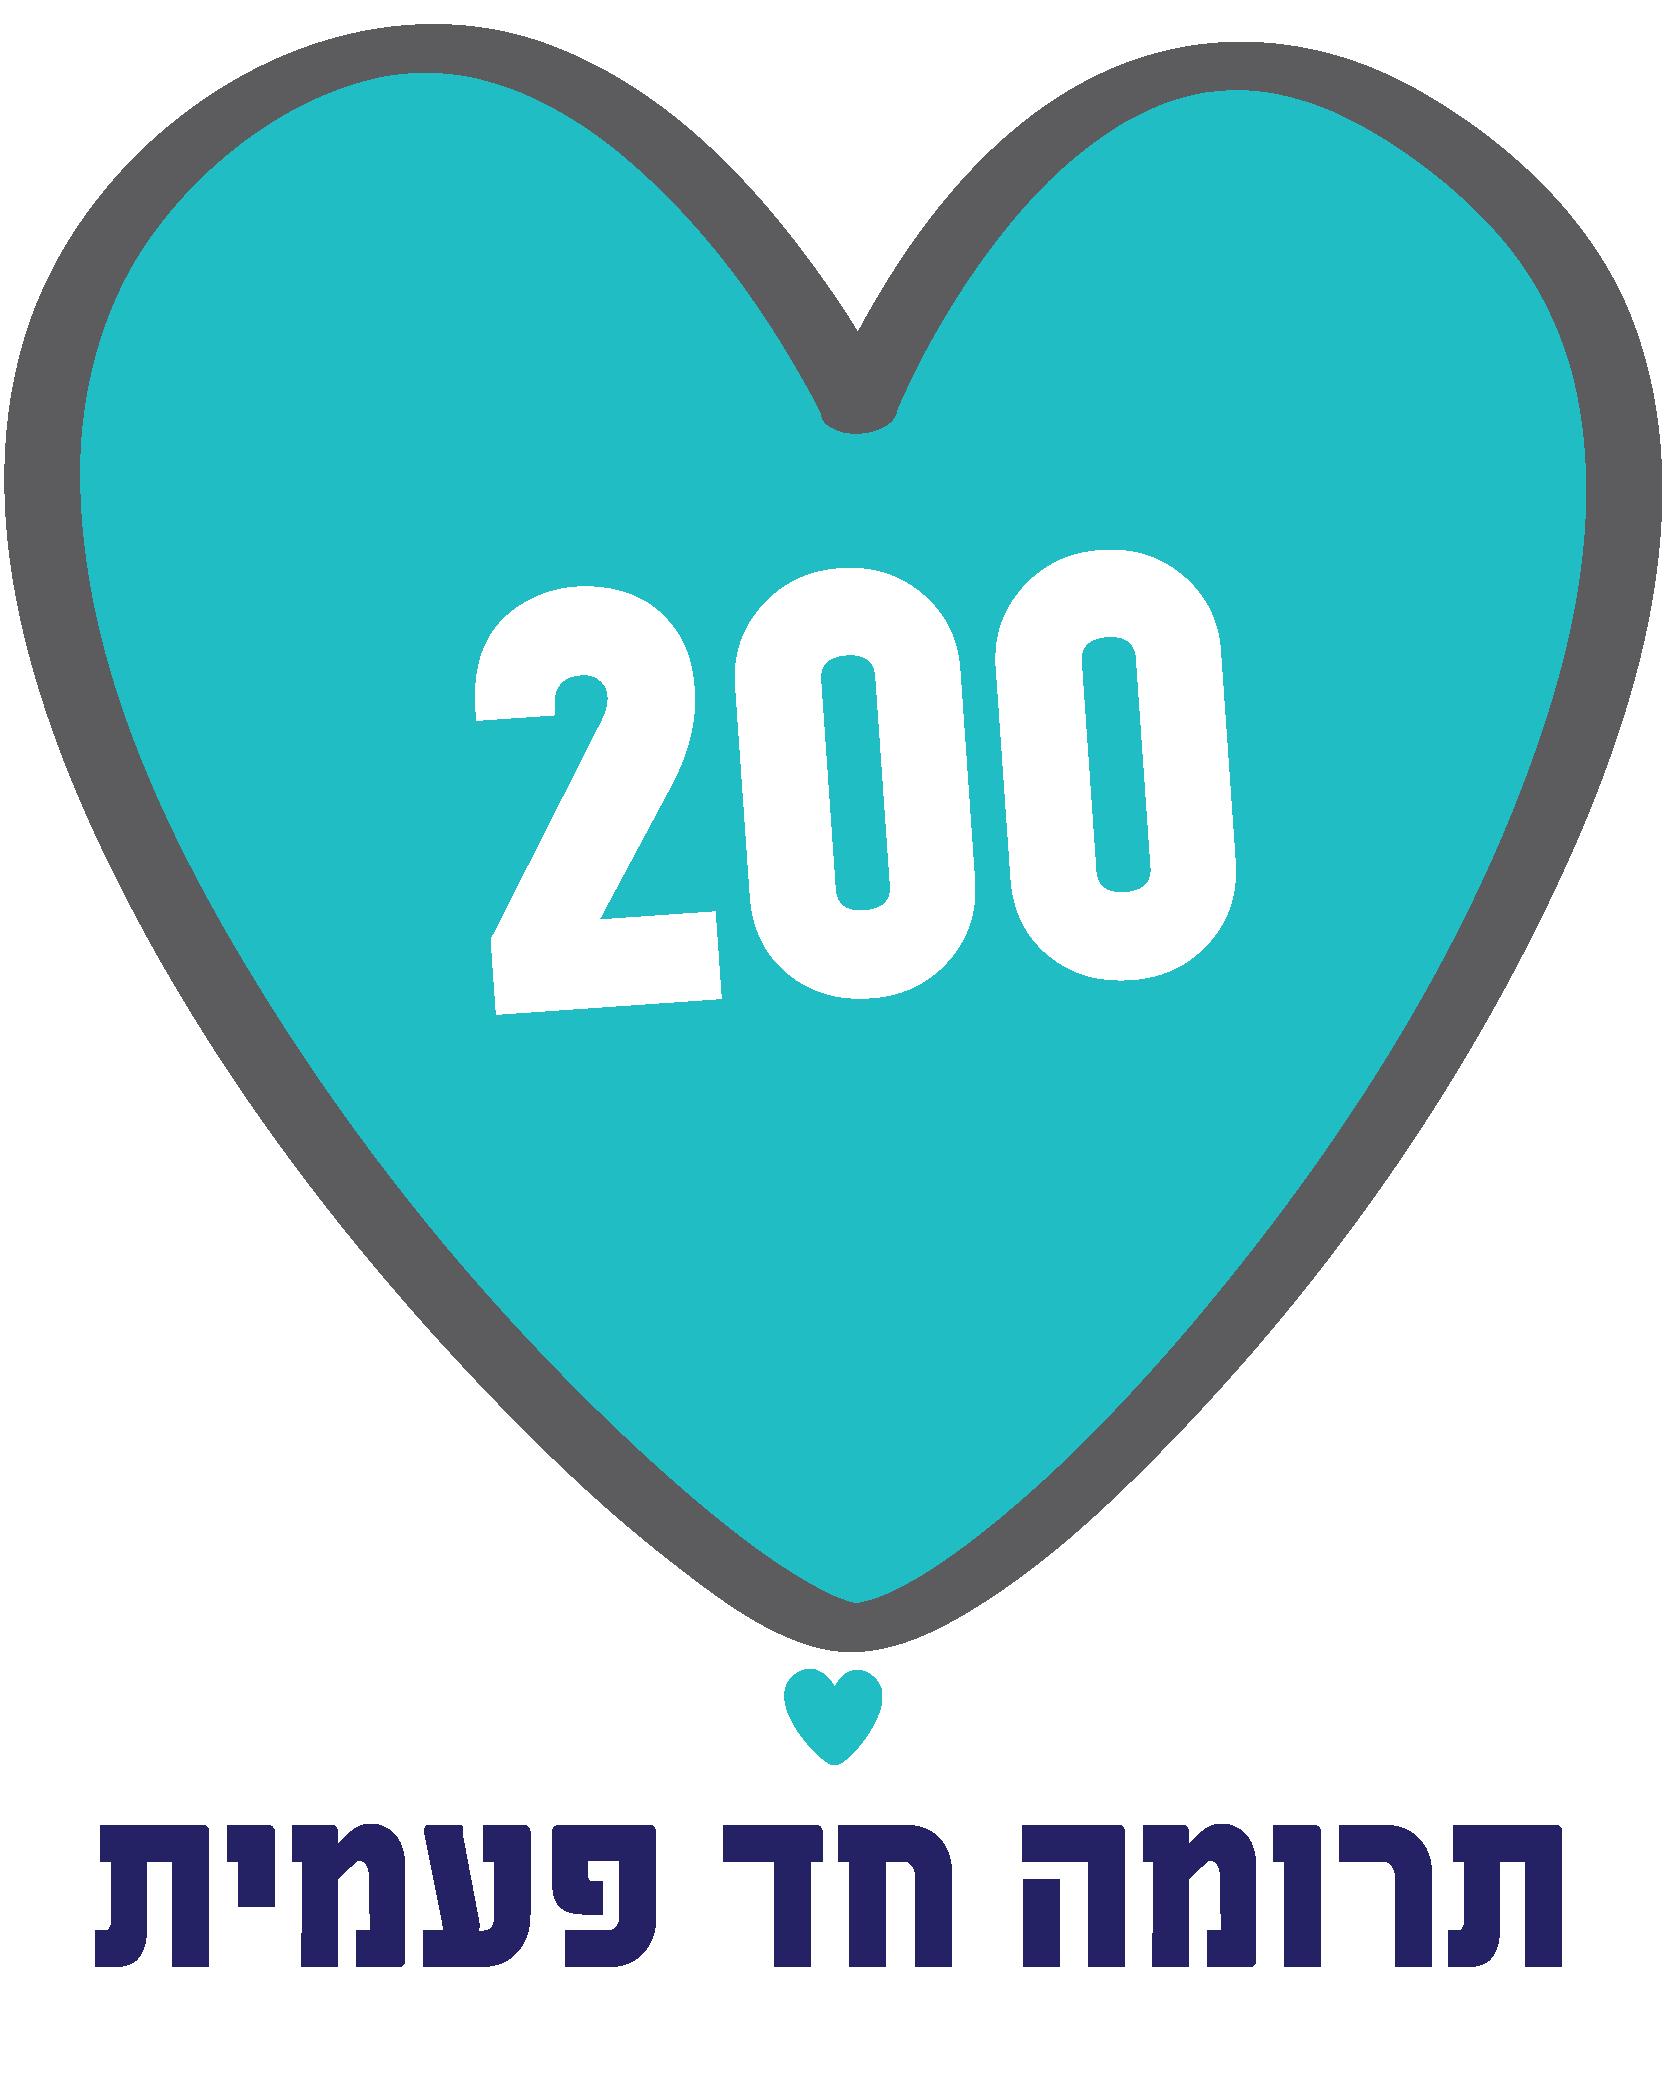 """תרומה חד פעמית של 200 ש""""ח - 200 ₪"""